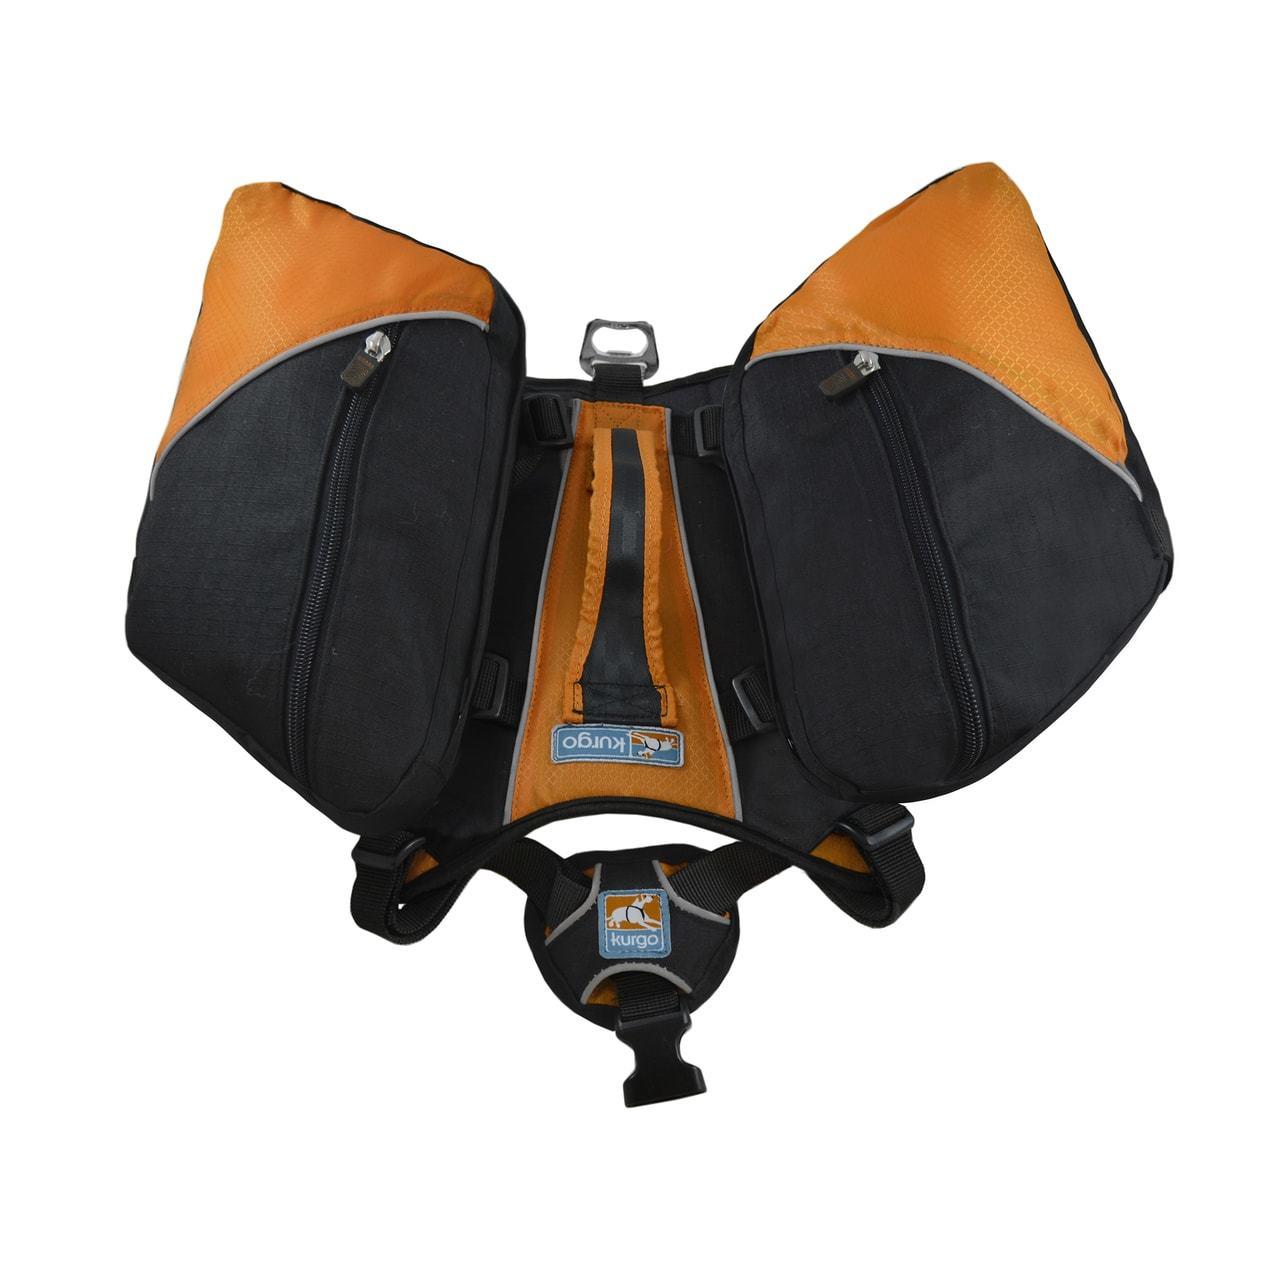 Dog_Backpack_Kurgo_Dog_Backpack_Black_Orange_Top_View__09330.1485380335.1280.1280